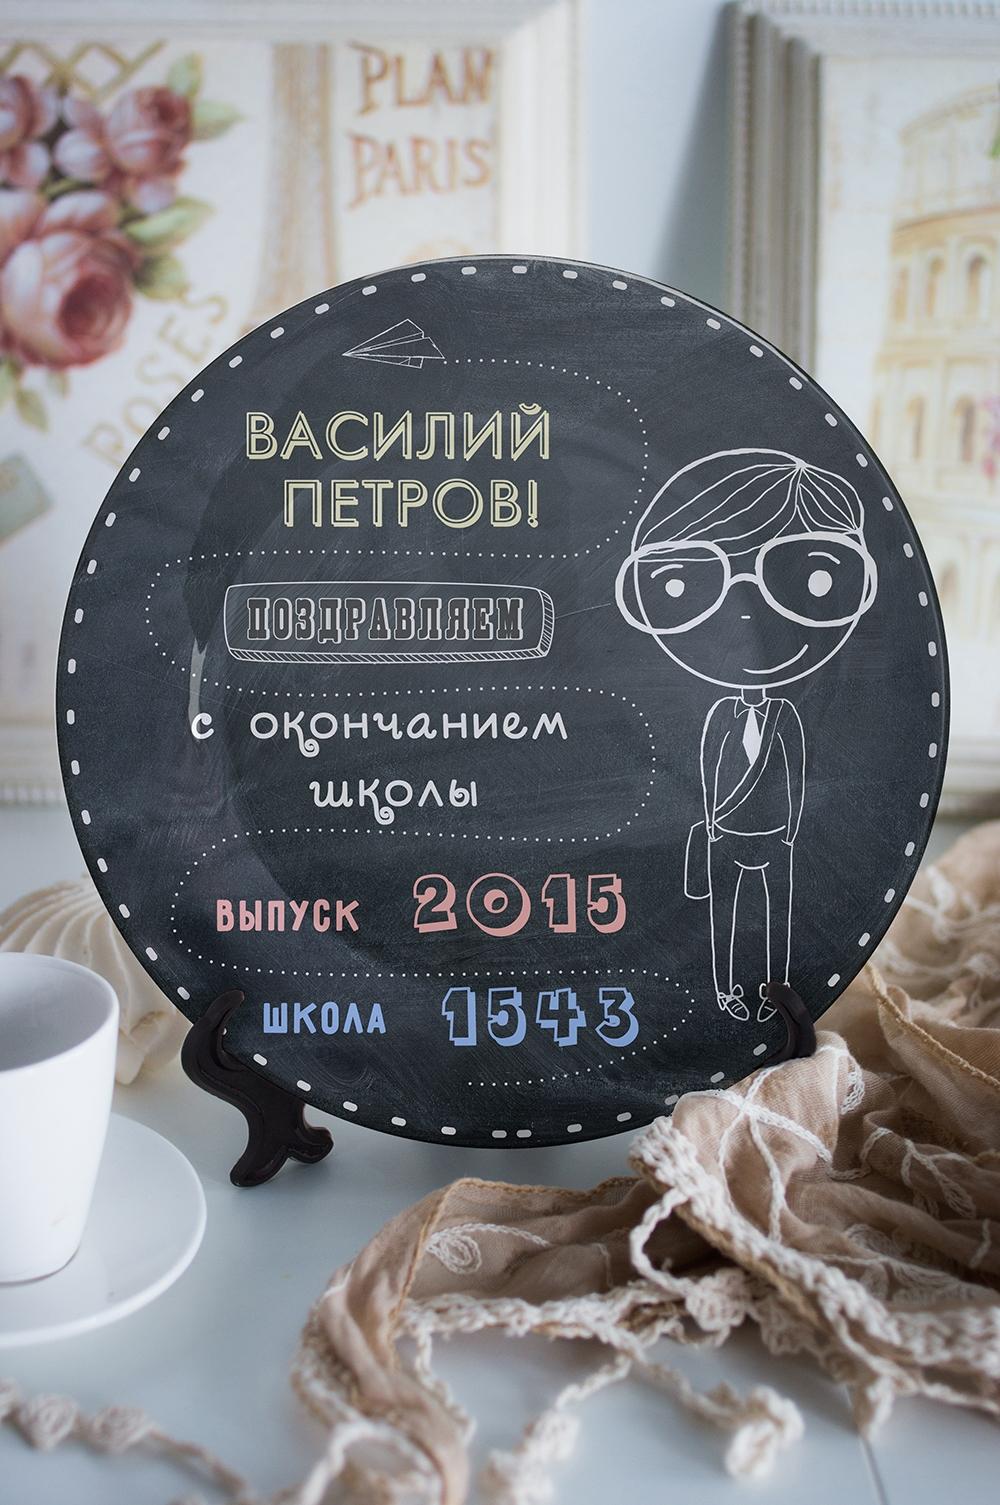 Декоративная тарелка для выпускника